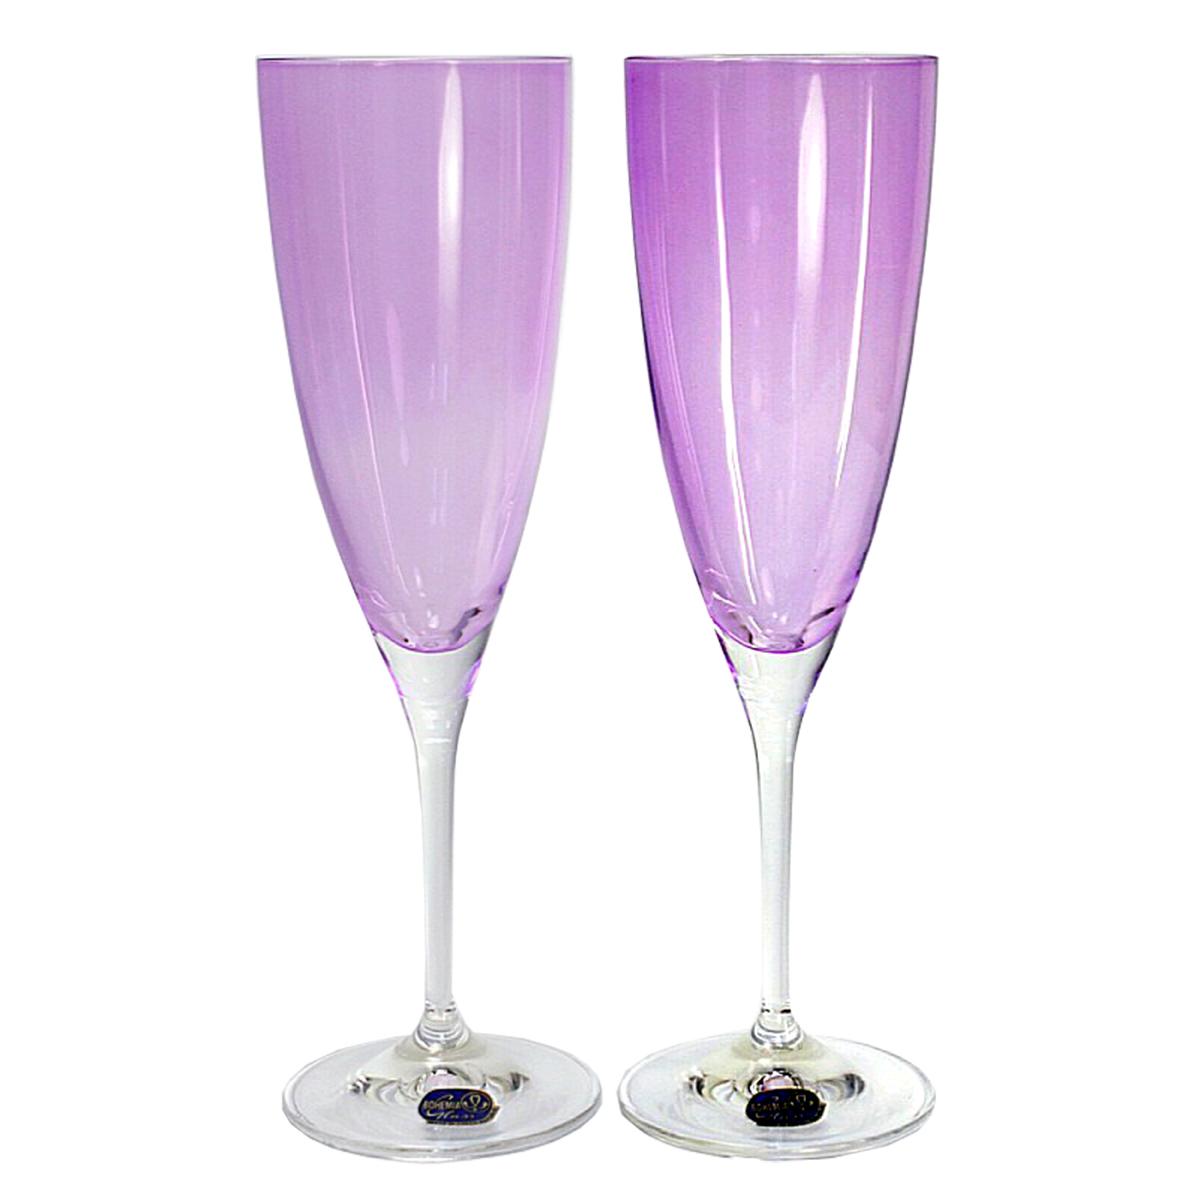 Набор бокалов для шампанского Bohemia Crystal Кейт, 220 мл, 2 шт. 40796/D4651/220-2 набор бокалов для шампанского wilmax 230 мл 2 шт